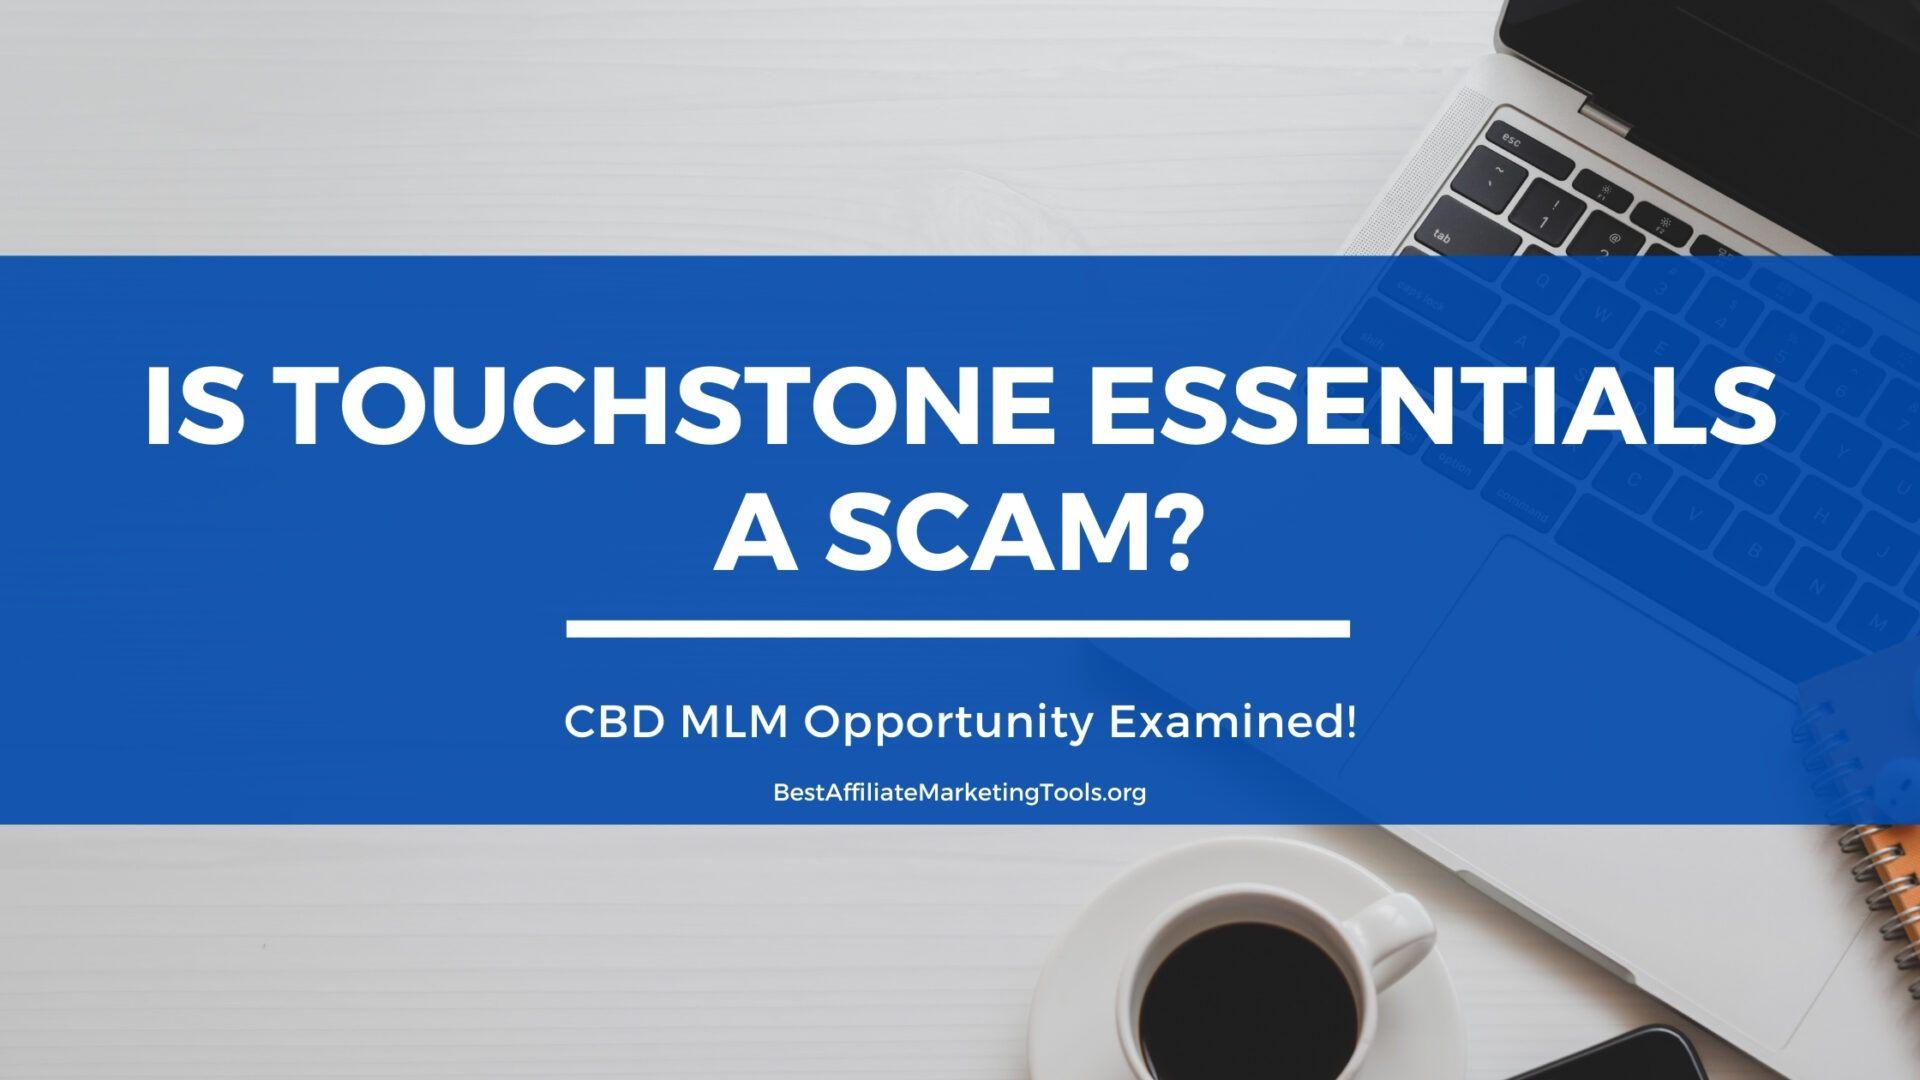 Is Touchstone Essentials A Scam